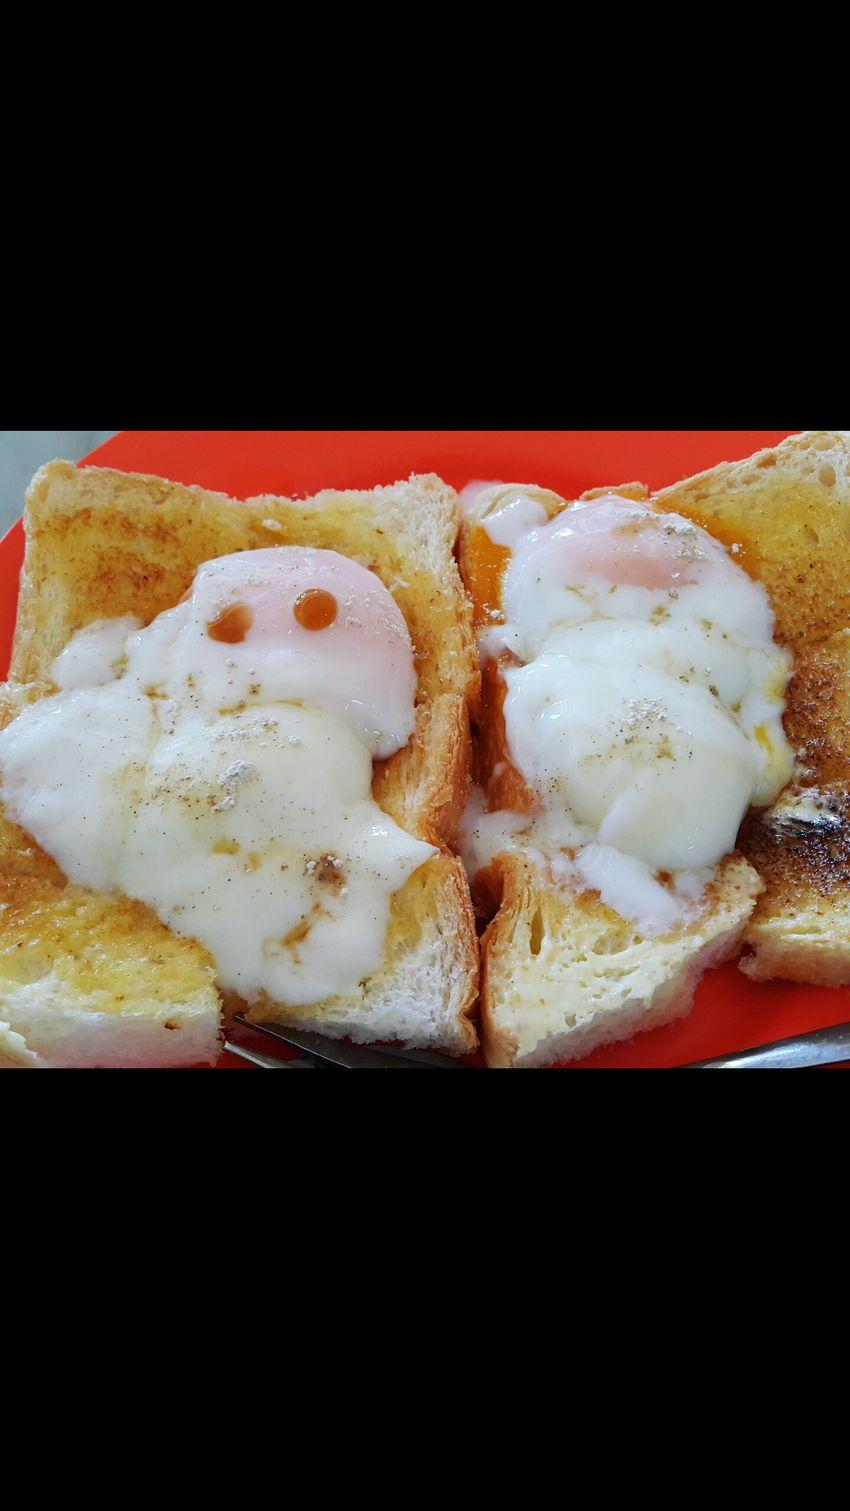 Having Breakfast Eggontoast Yummyinmytummy